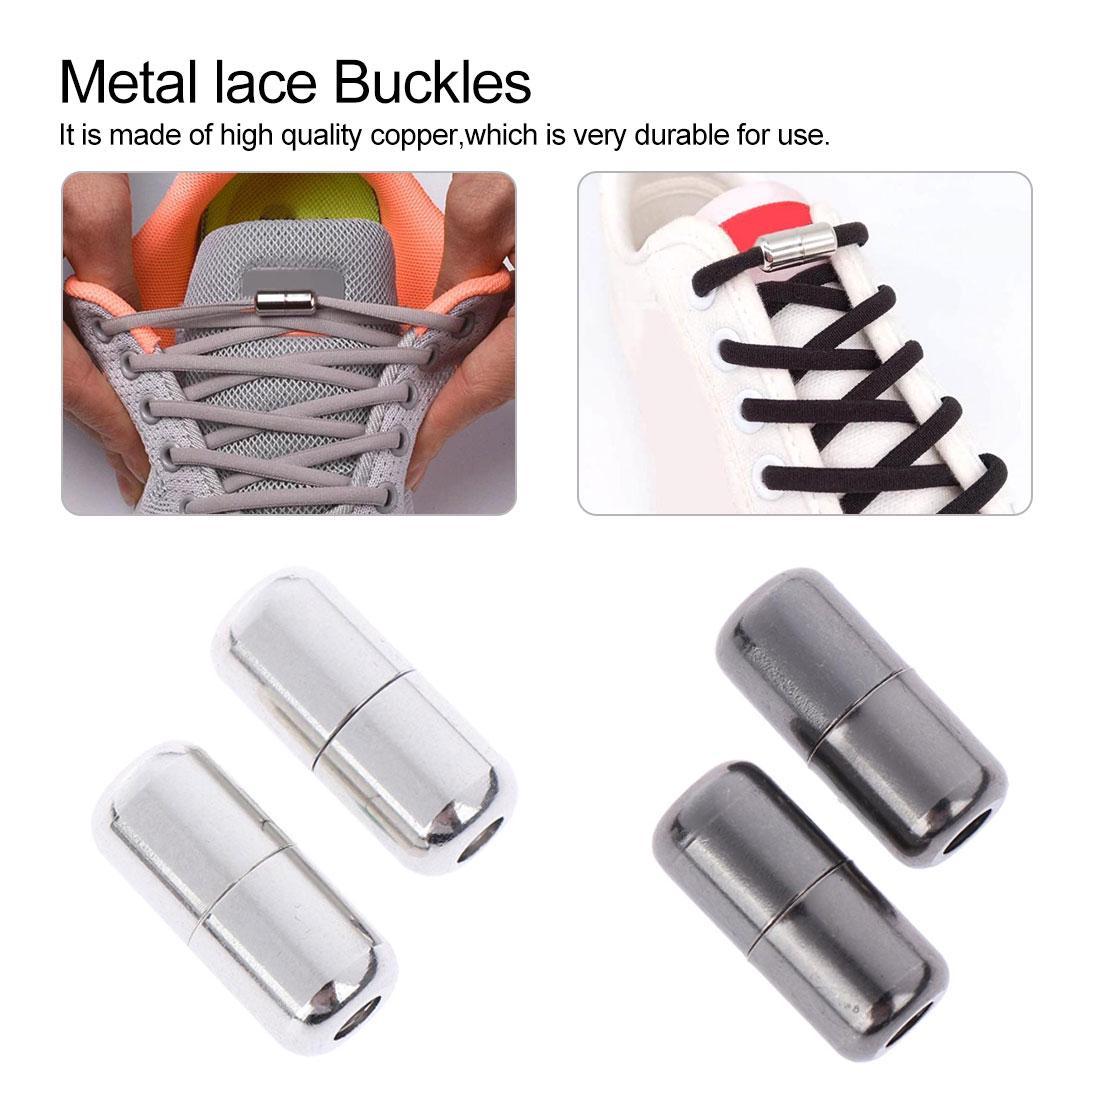 2Pcs Металлические Shoelaces Buckles Удобные Tieless Ленивые кружева Нет галстук Аулейс Пристегивай обувь Аксессуары